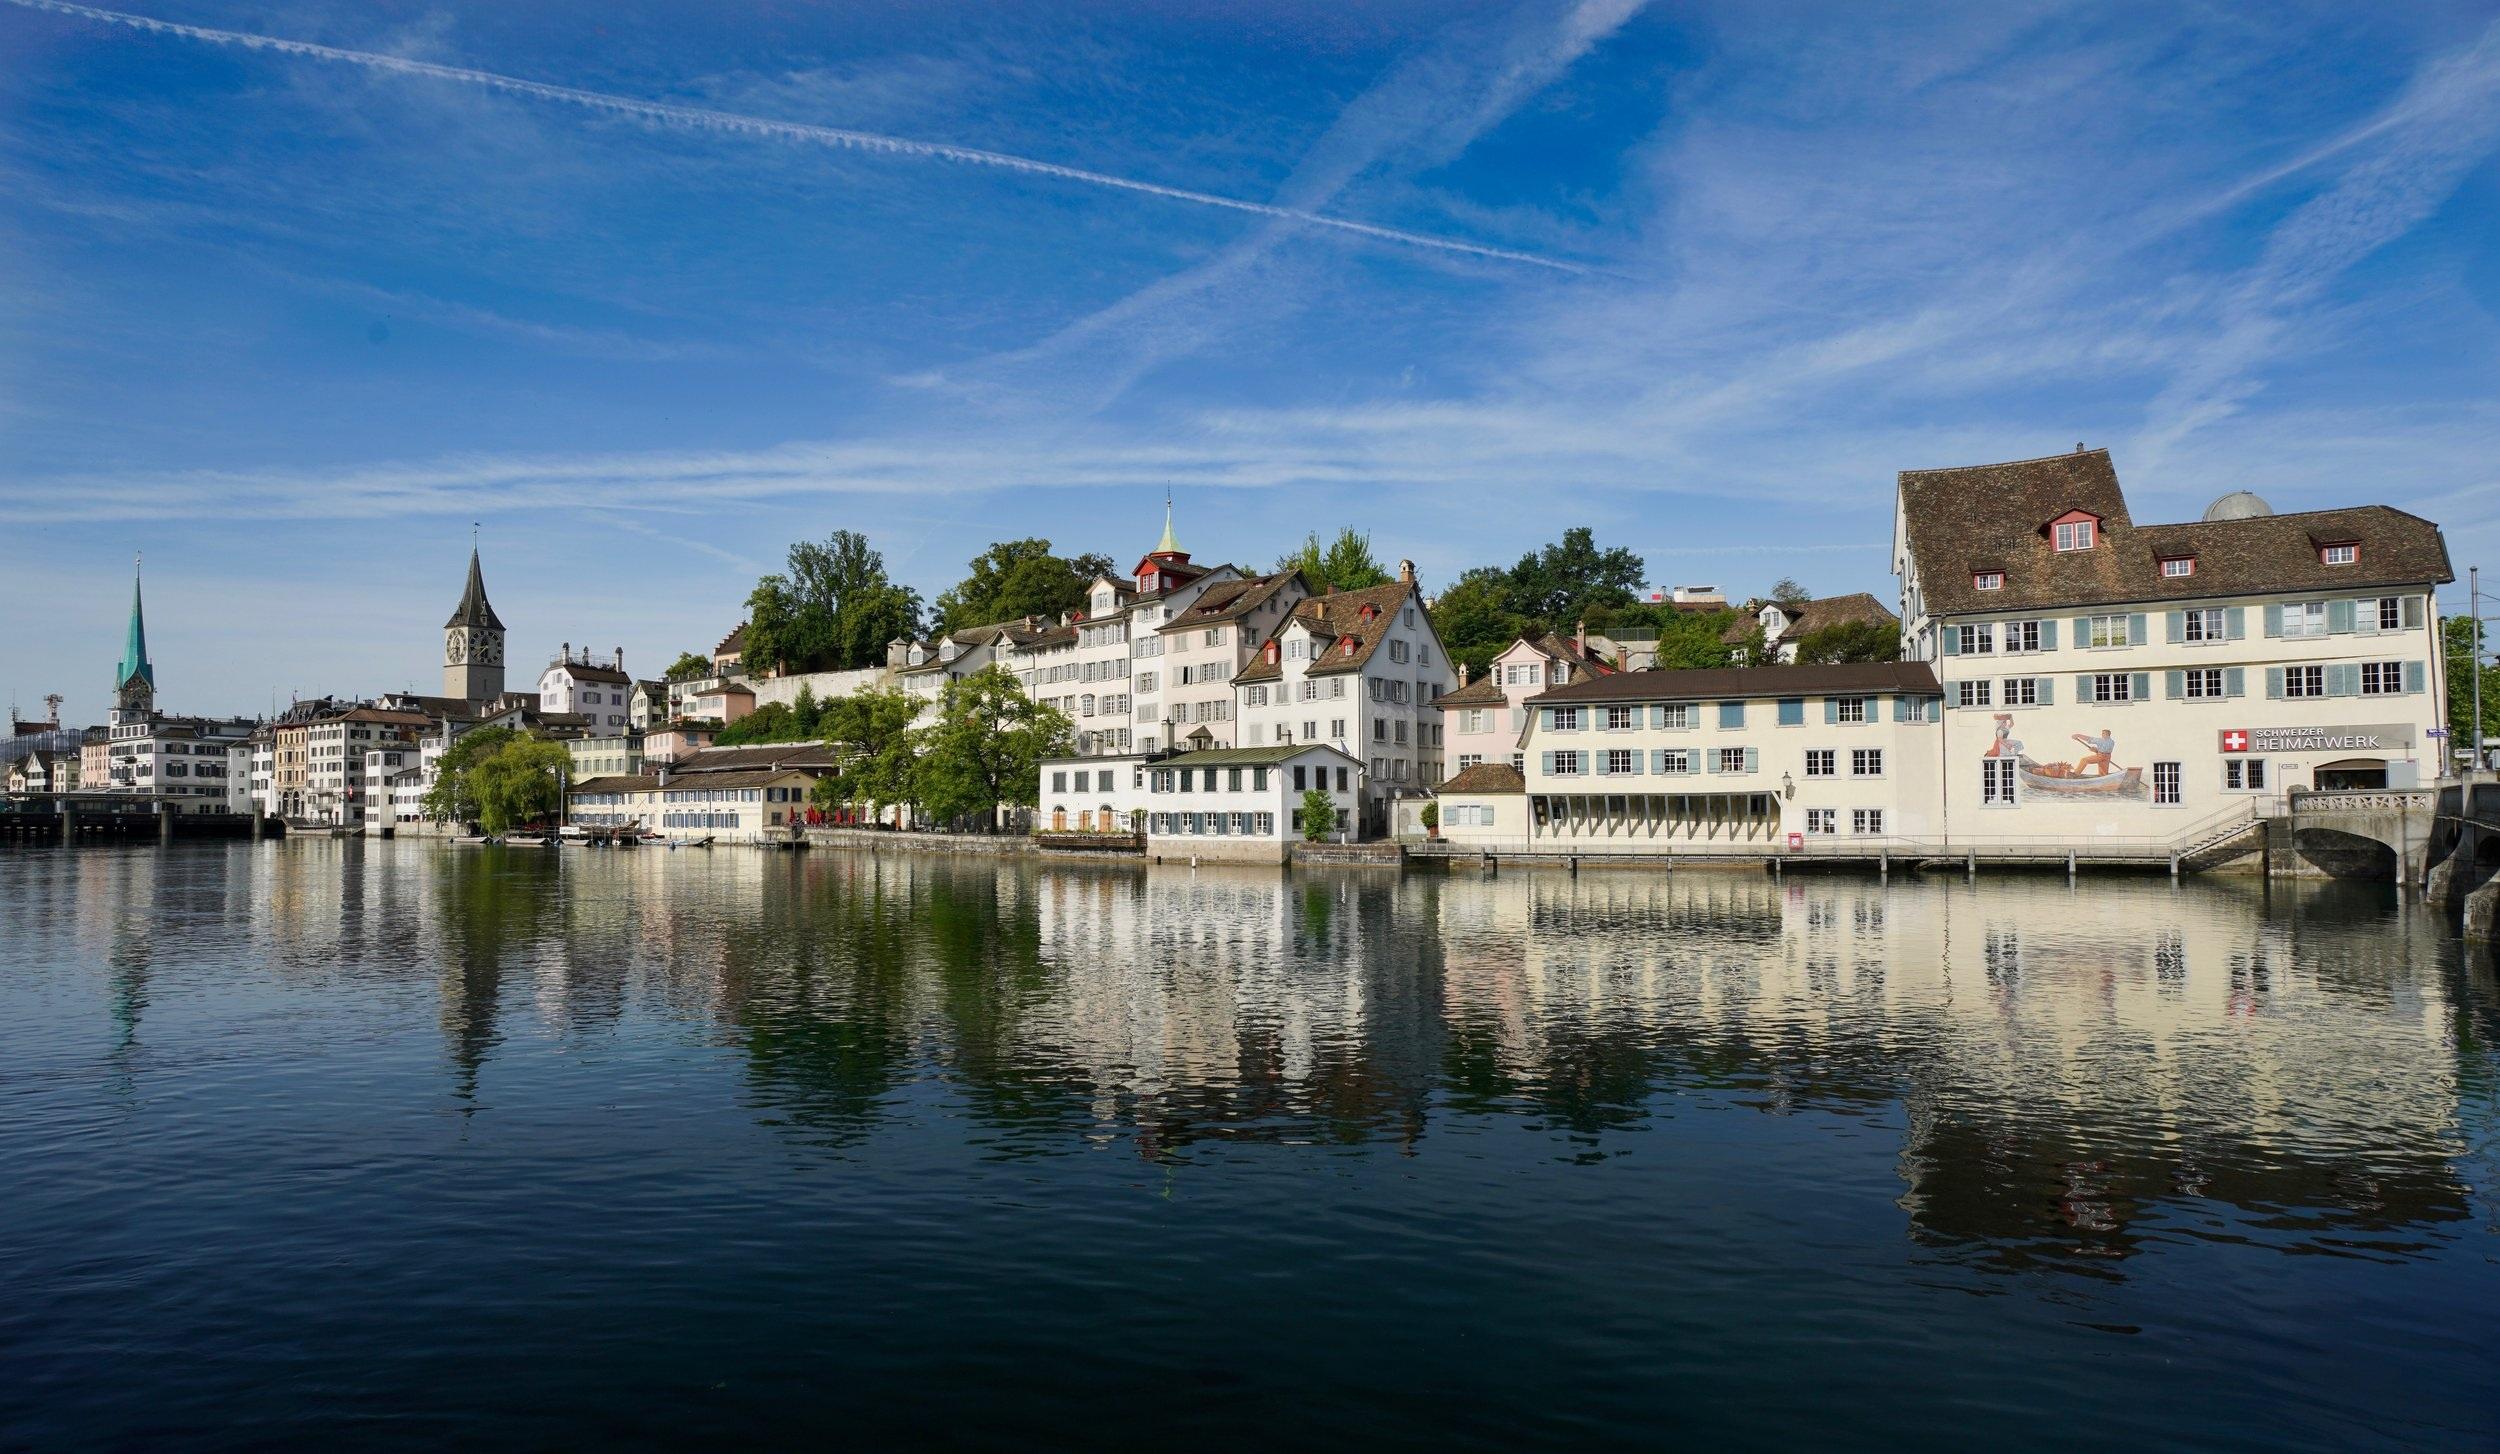 Old Town, Altstadt Zurich